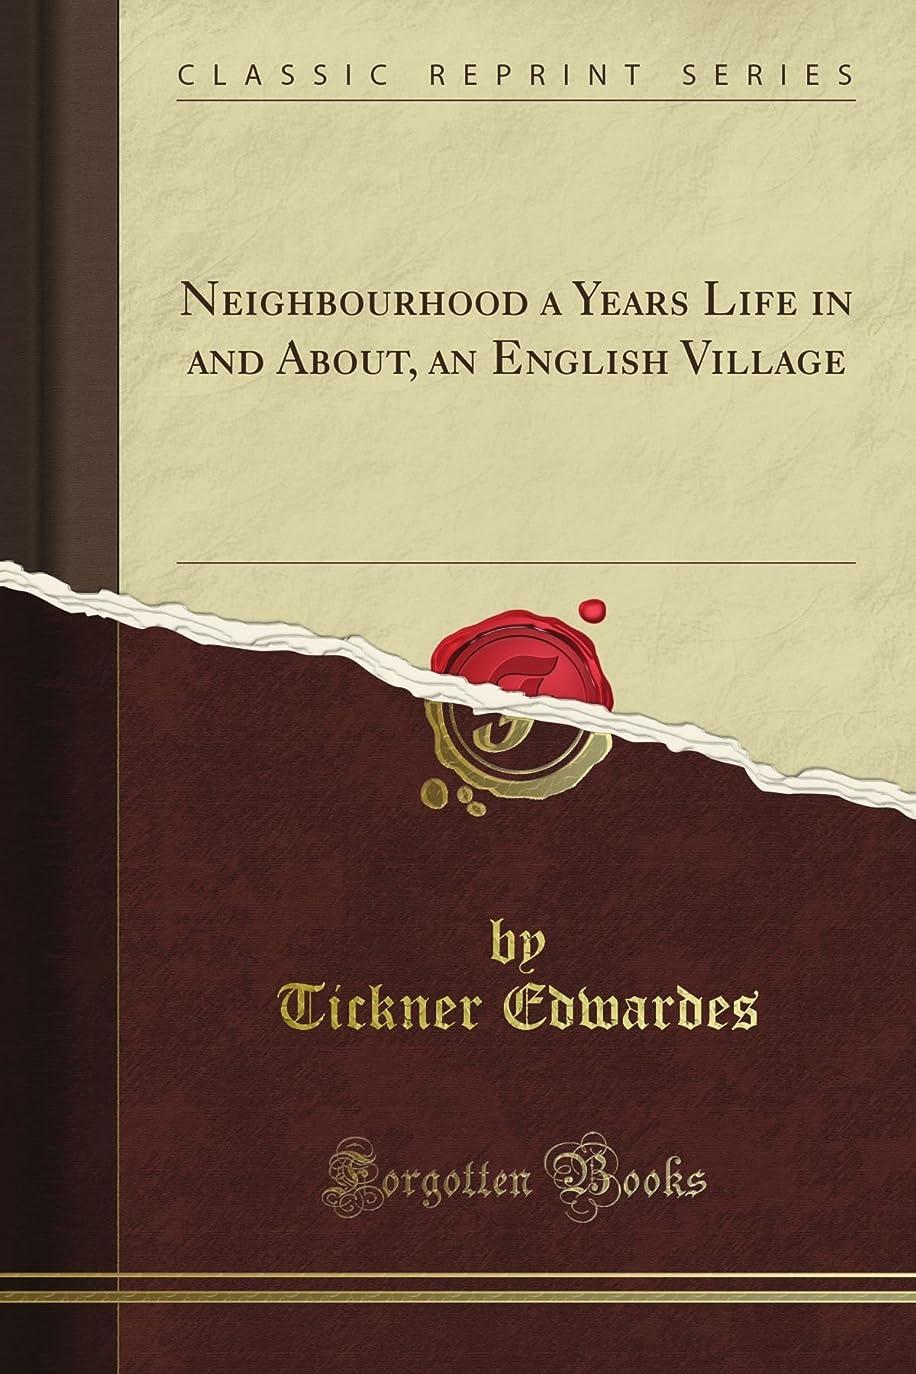 依存シンク批判するNeighbourhood a Year's Life in and About, an English Village (Classic Reprint)